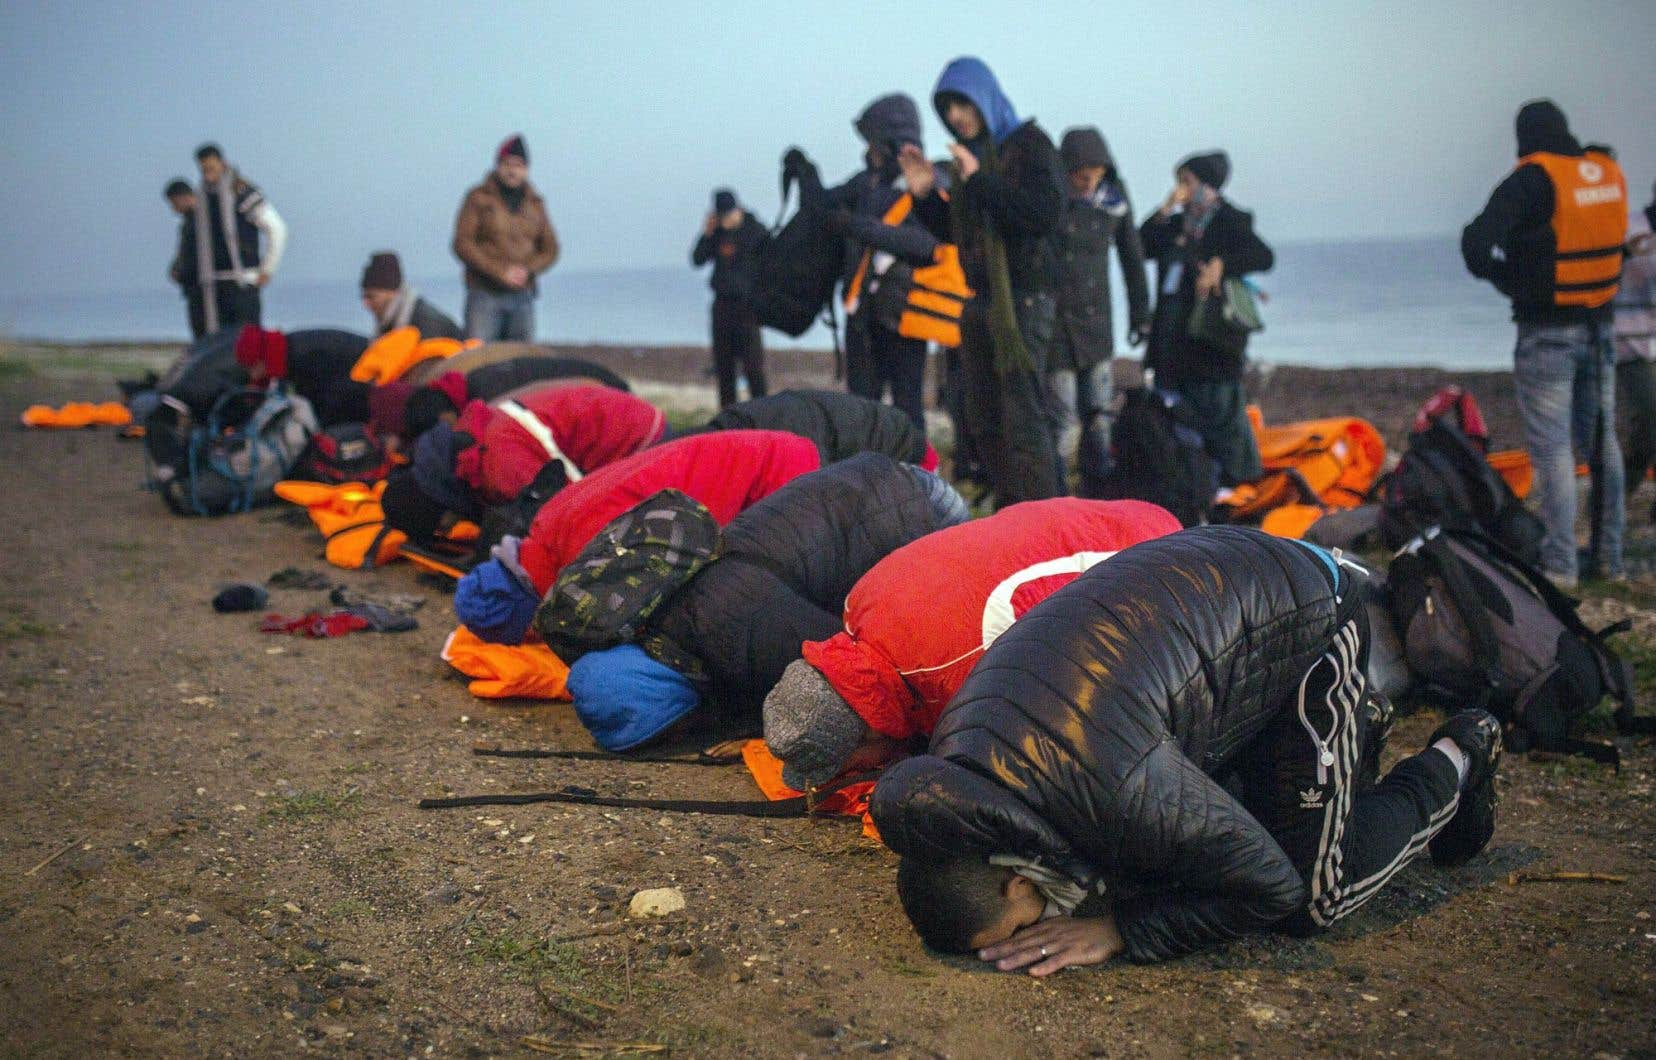 Des intervenants rappellent la vulnérabilité des réfugiés, qui pourraient se sentir forcés d'obéir. Ci-dessus, des migrants musulmans font leur prière après avoir réussi à atteindre une plage grecque.